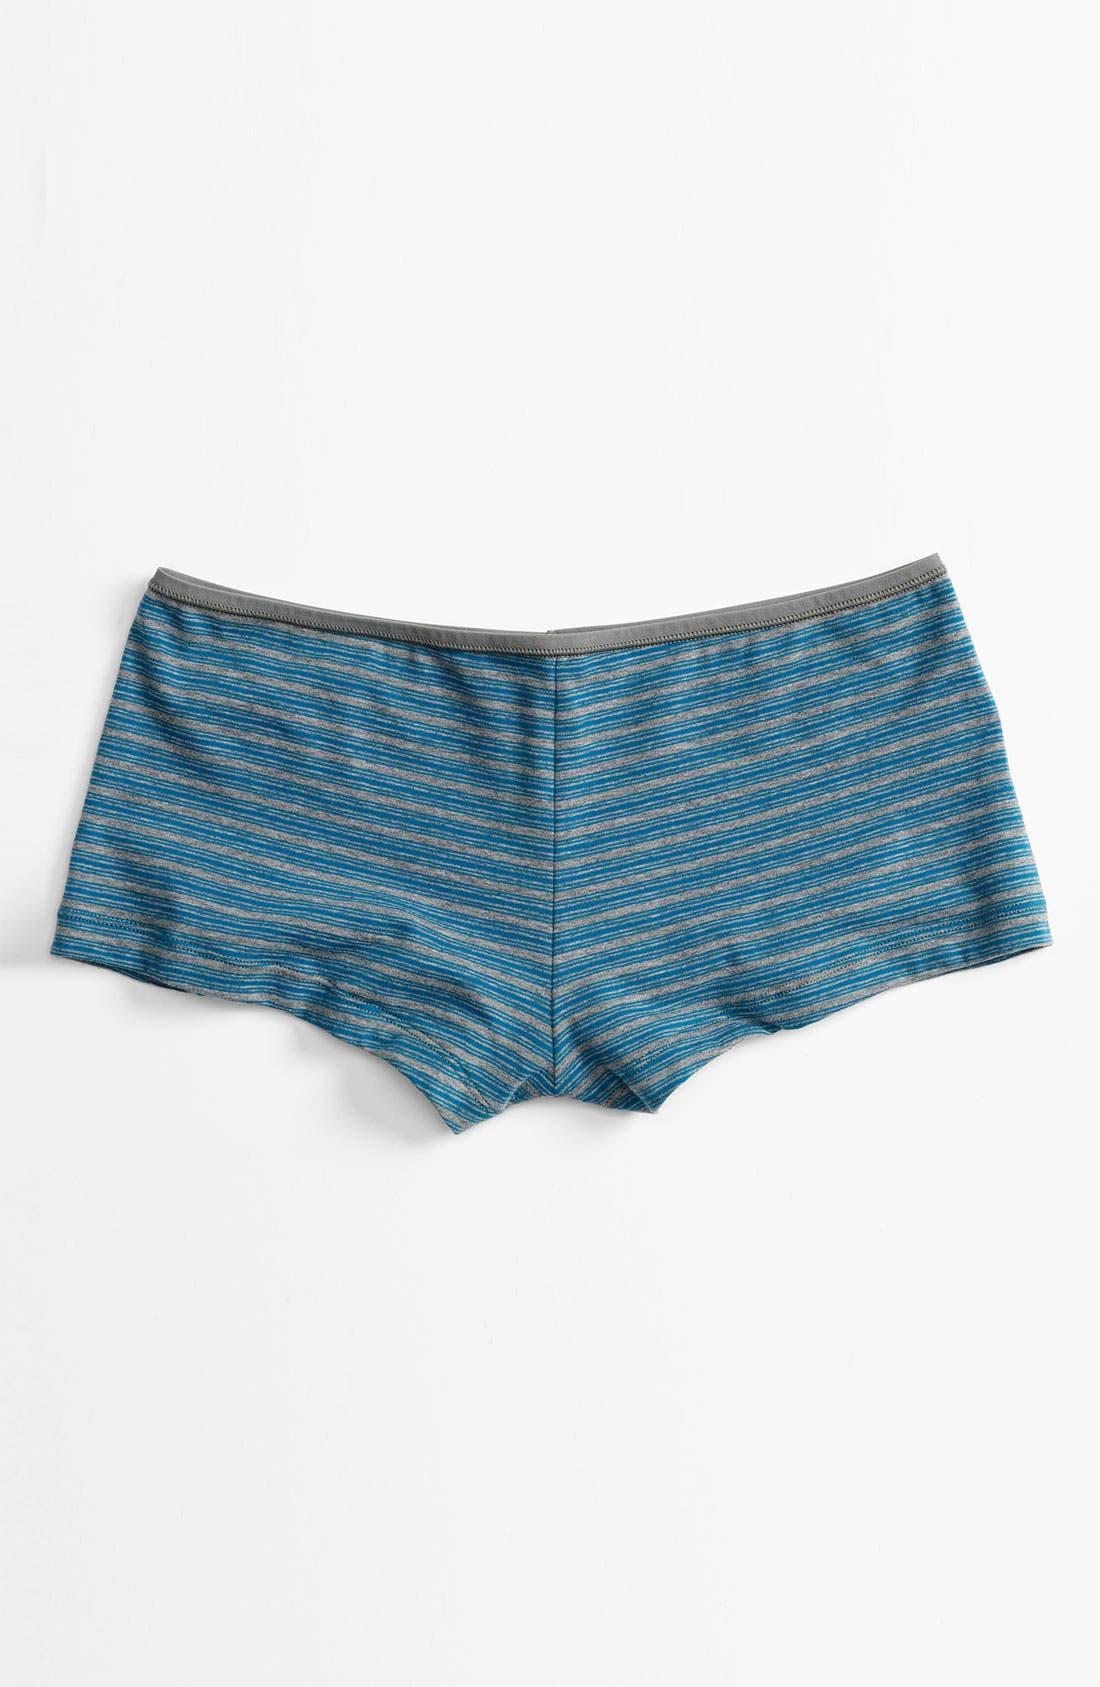 Main Image - Shimera Stretch Cotton Boyshorts (4 for $34)